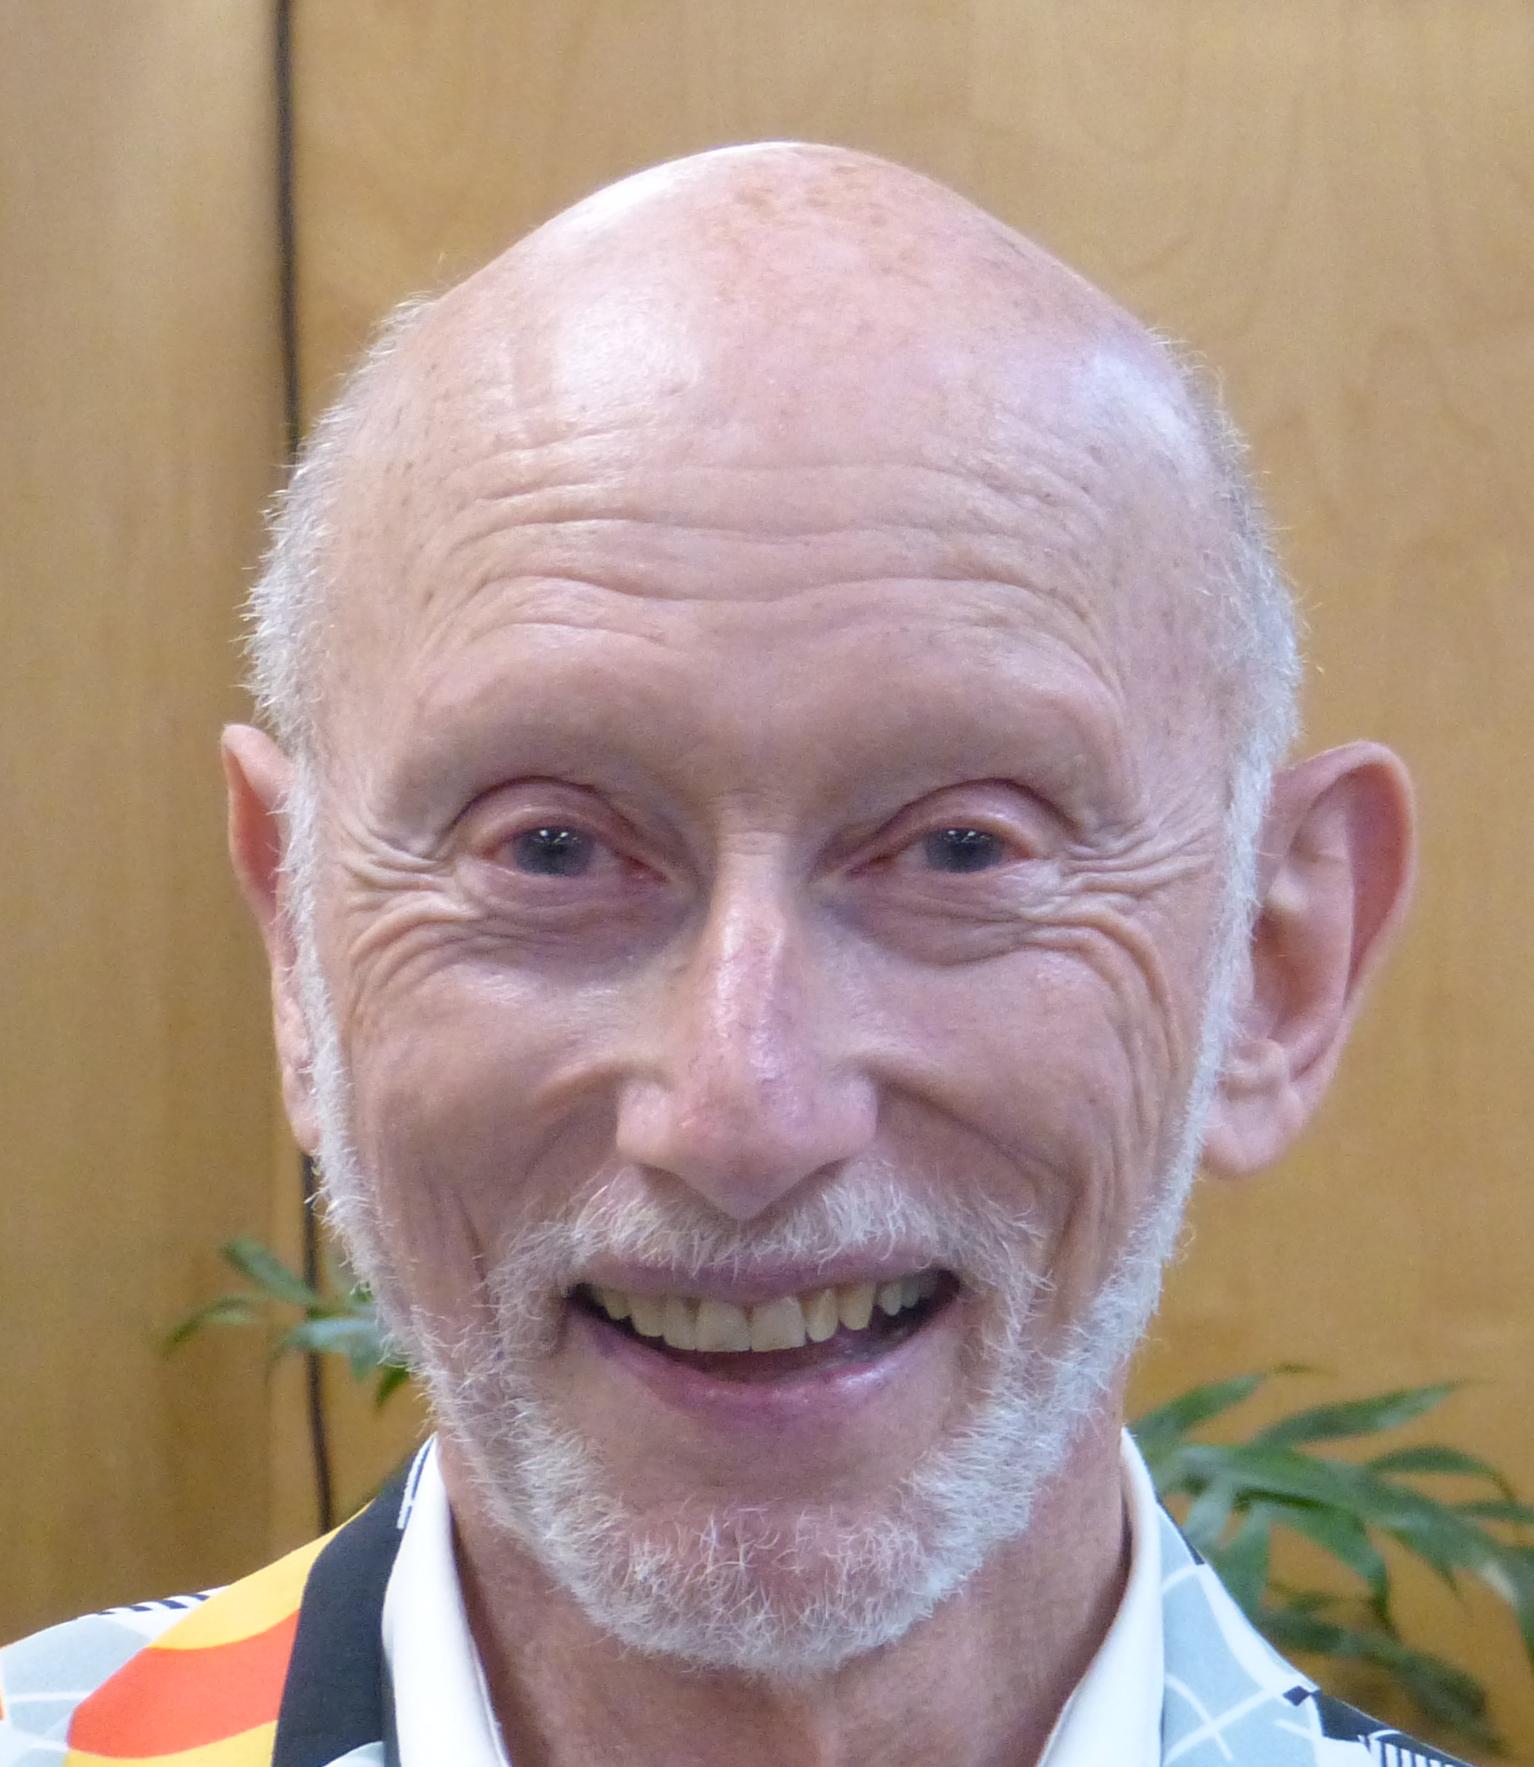 Poet Allen Klein